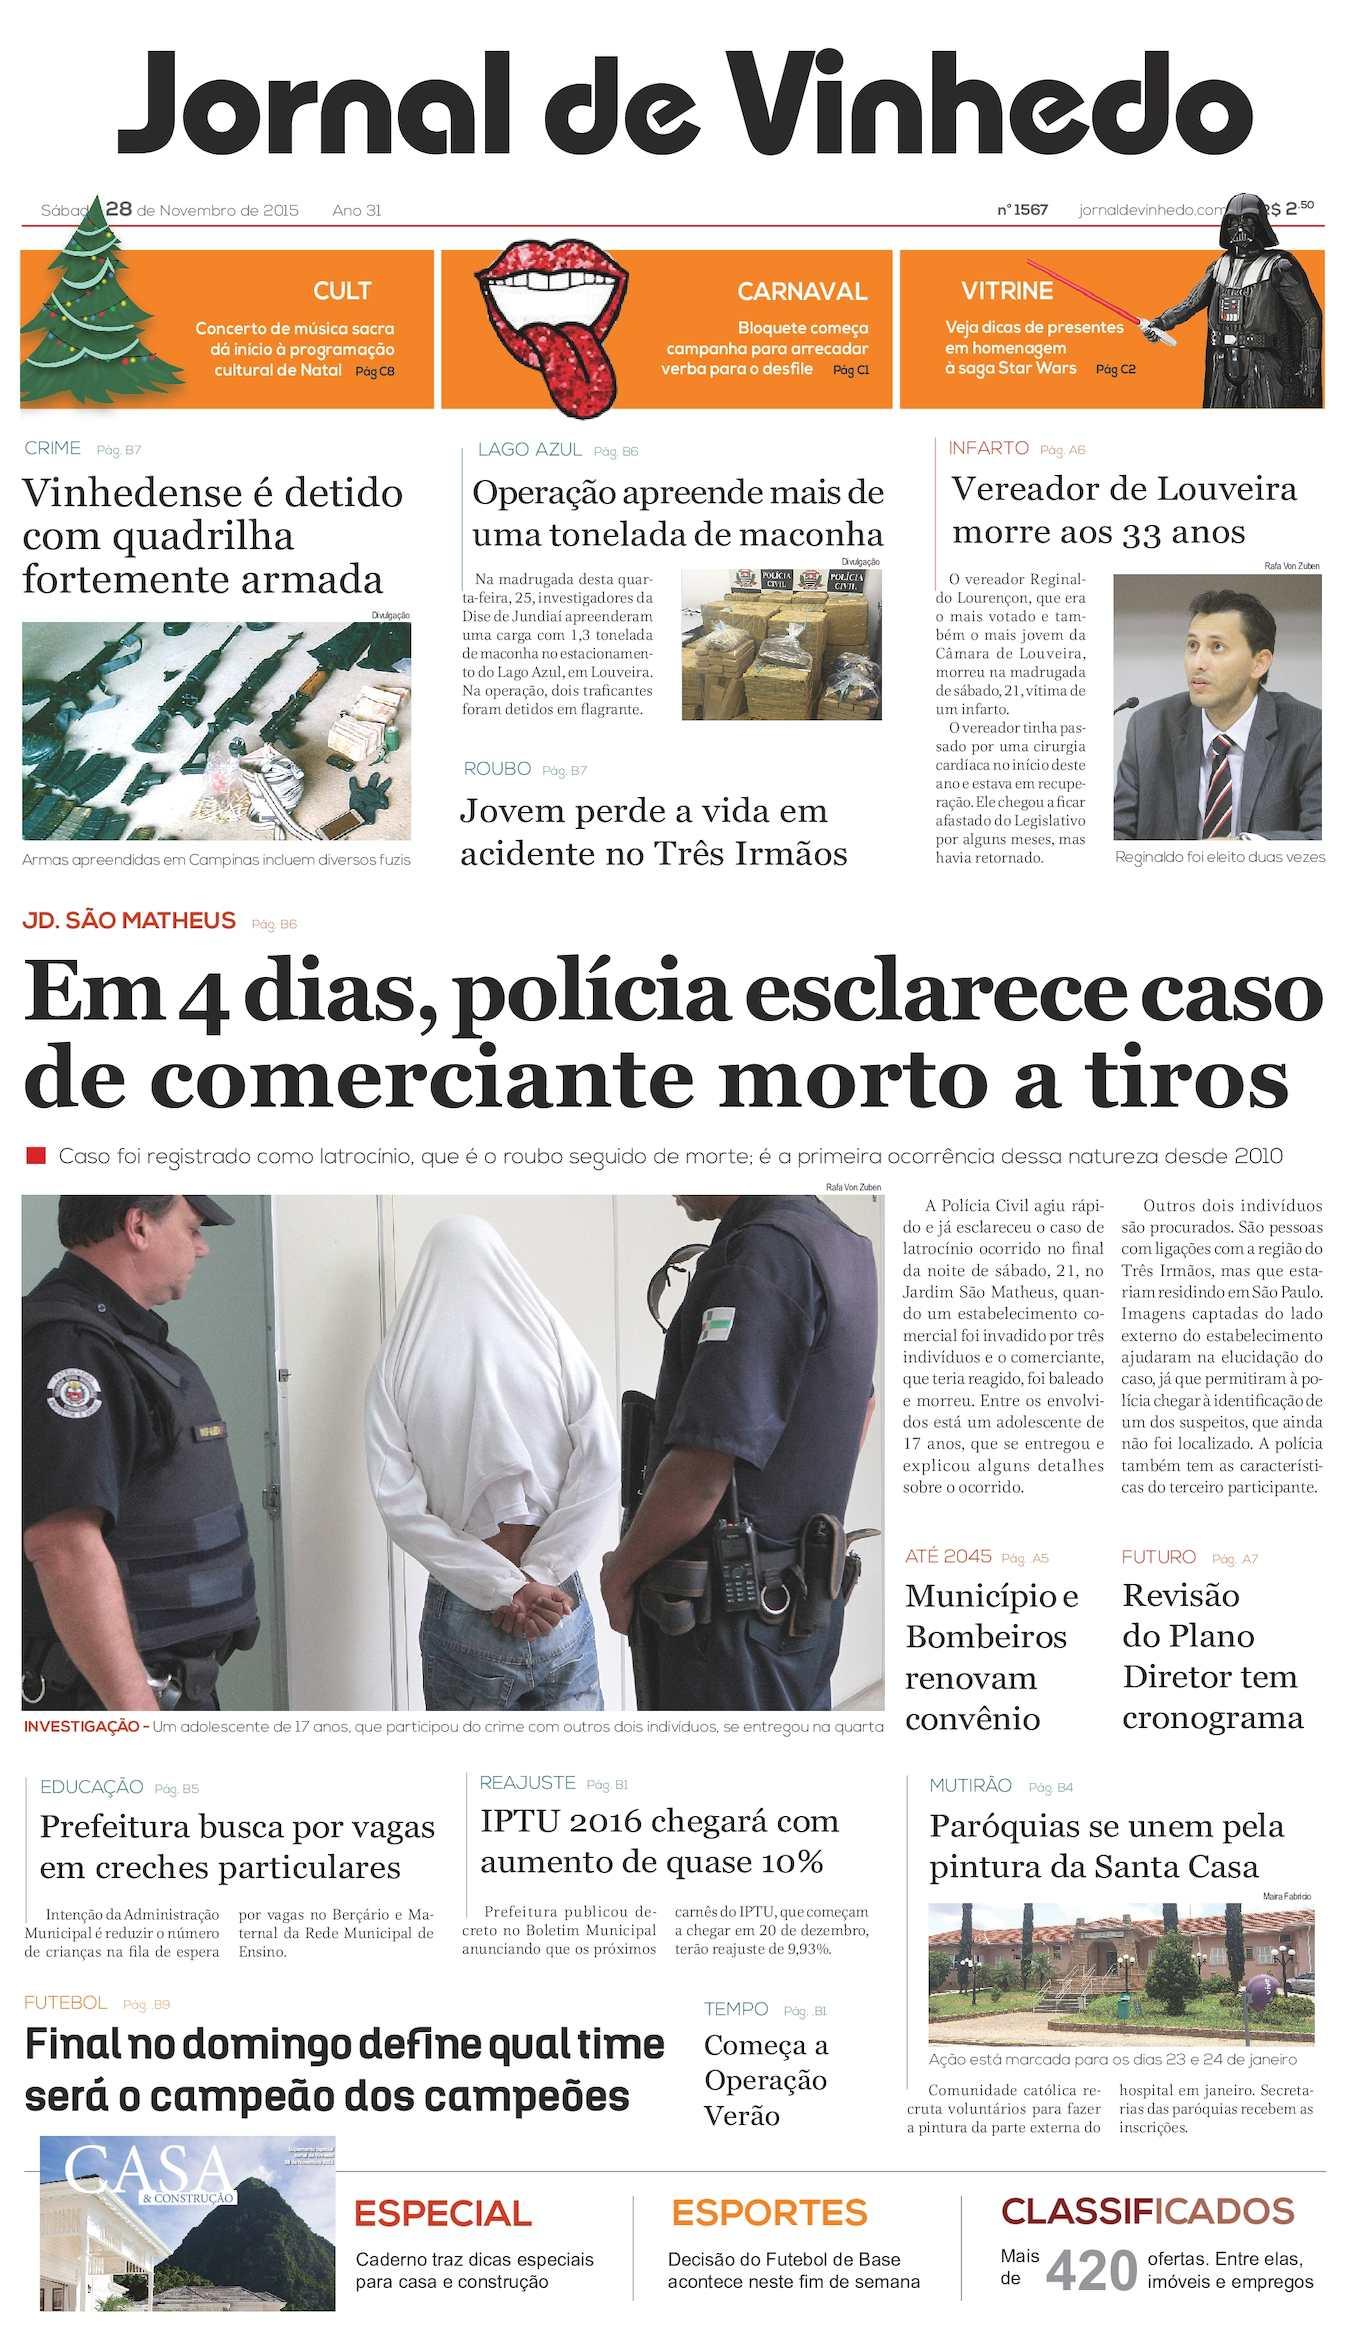 28acbb68c8d18 Calaméo - Jornal De Vinhedo Sábado 28 De Novembro De 2015 Edic 1567 Ok